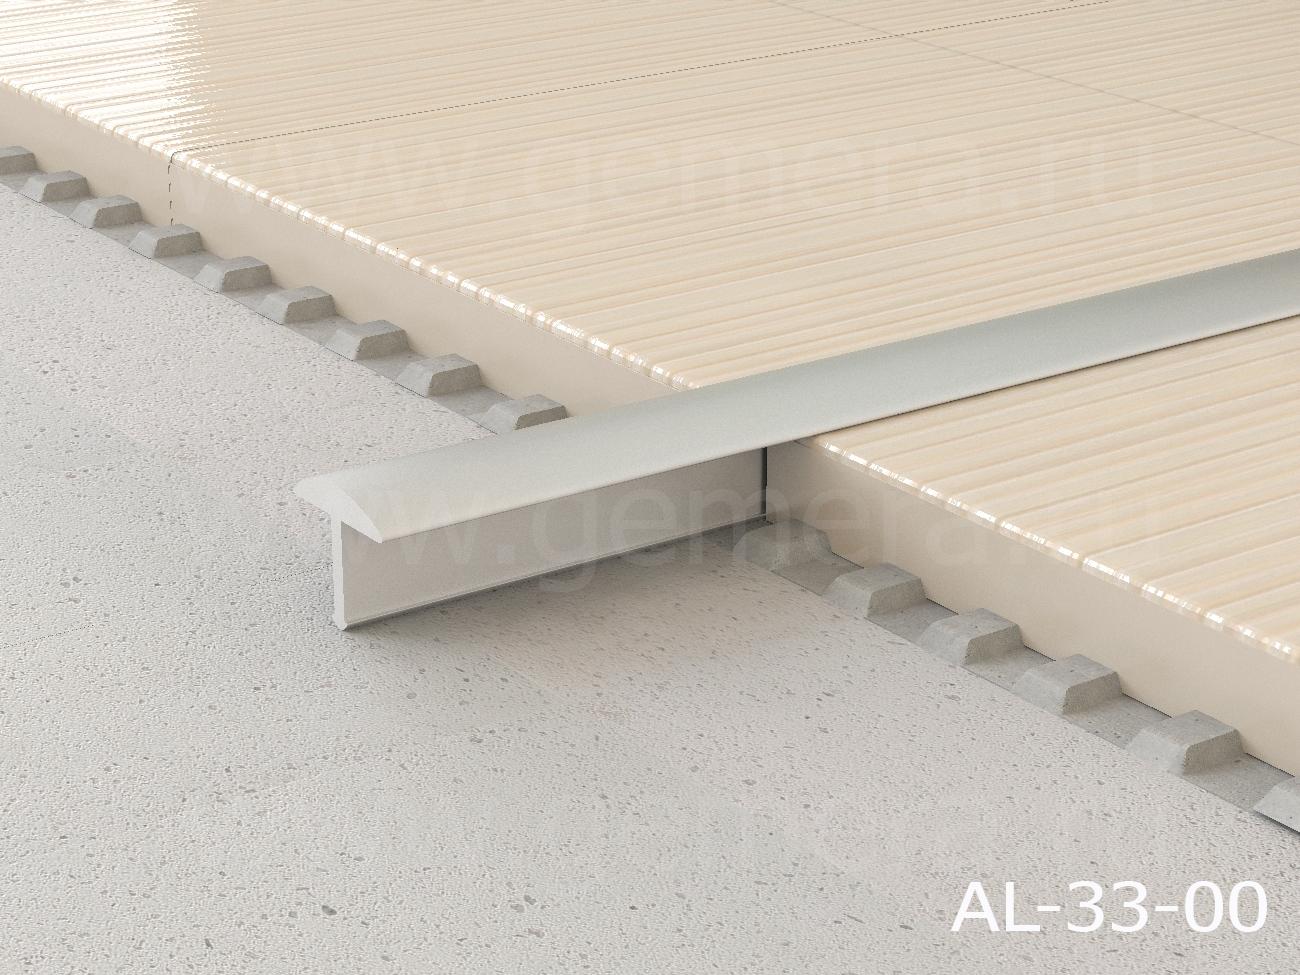 Т-профиль закругленный алюминиевый Butun AL-33-00